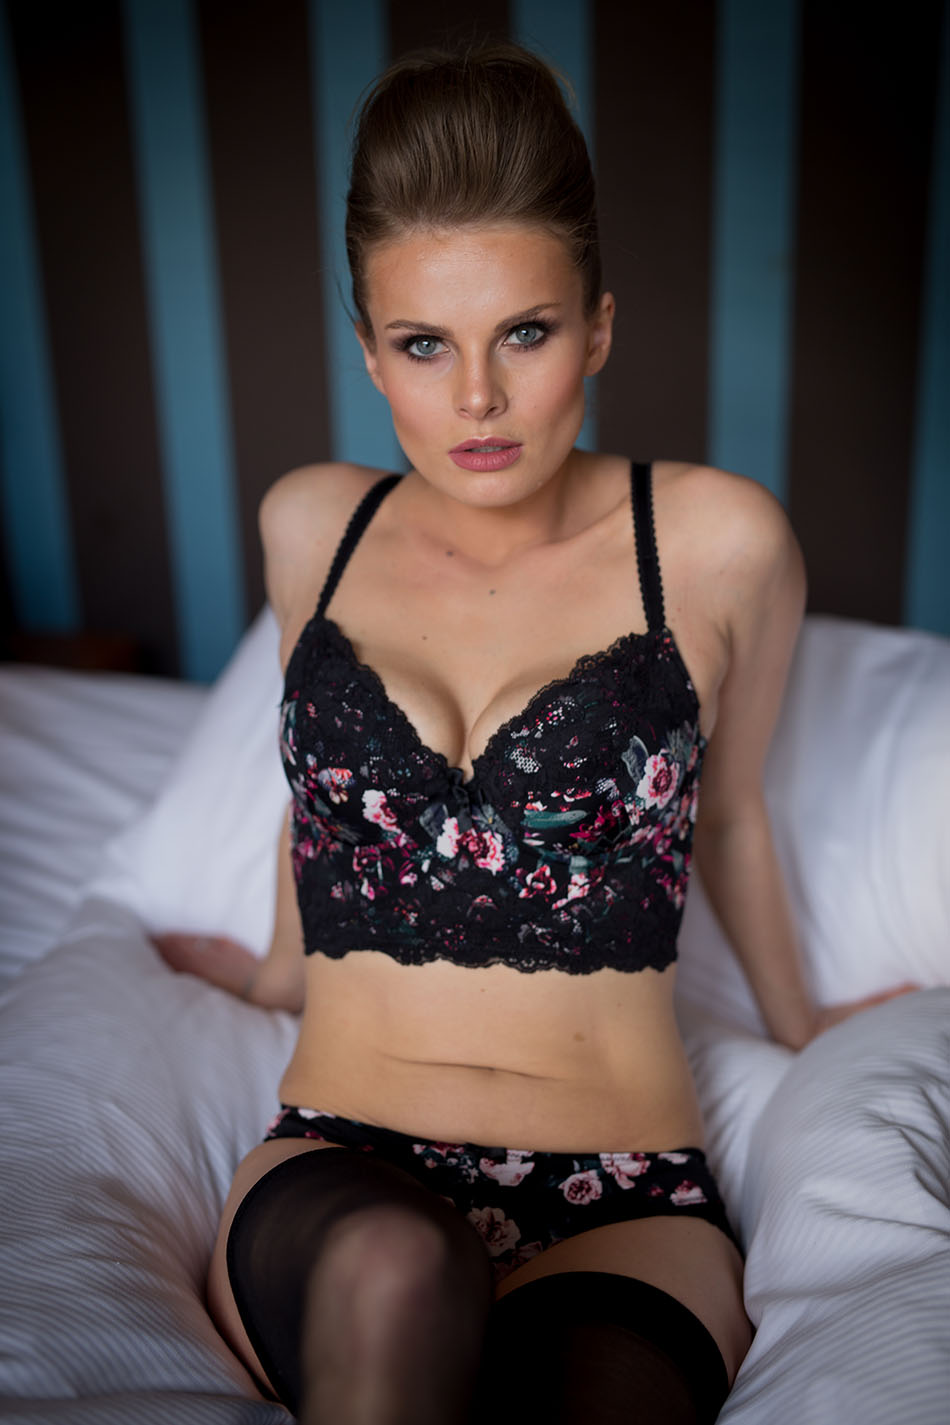 Plnty_4_lingerie_foto_Kristian_Joraandstad_2016